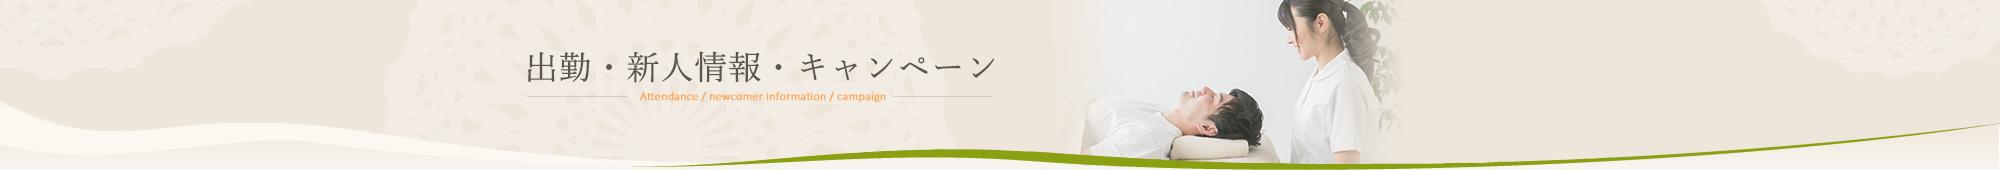 出勤・新人情報・キャンペーン情報一覧|楽庵(らくあん)は出張専門のマッサージサロンです。